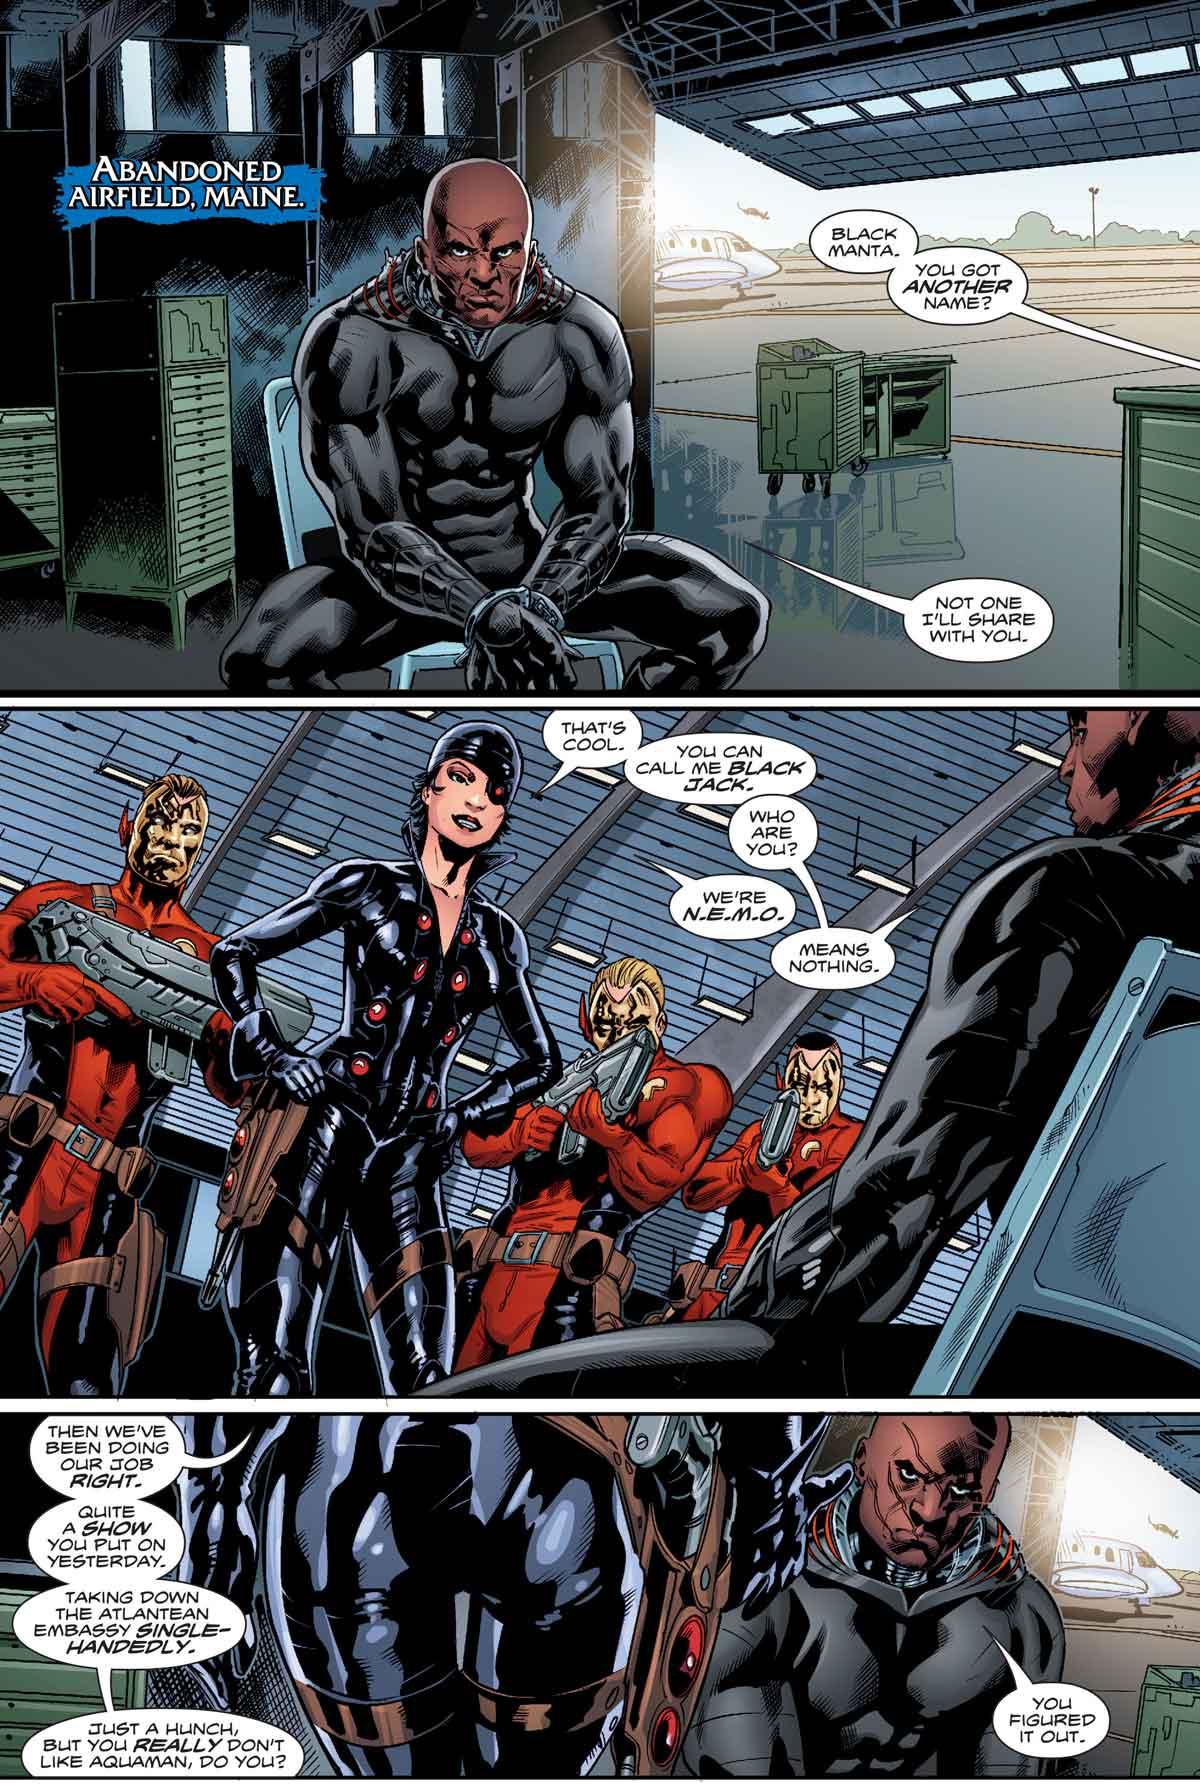 Aquaman #3 by Dan Abnett, Philippe Briones, Gabe Eltaeb, and more